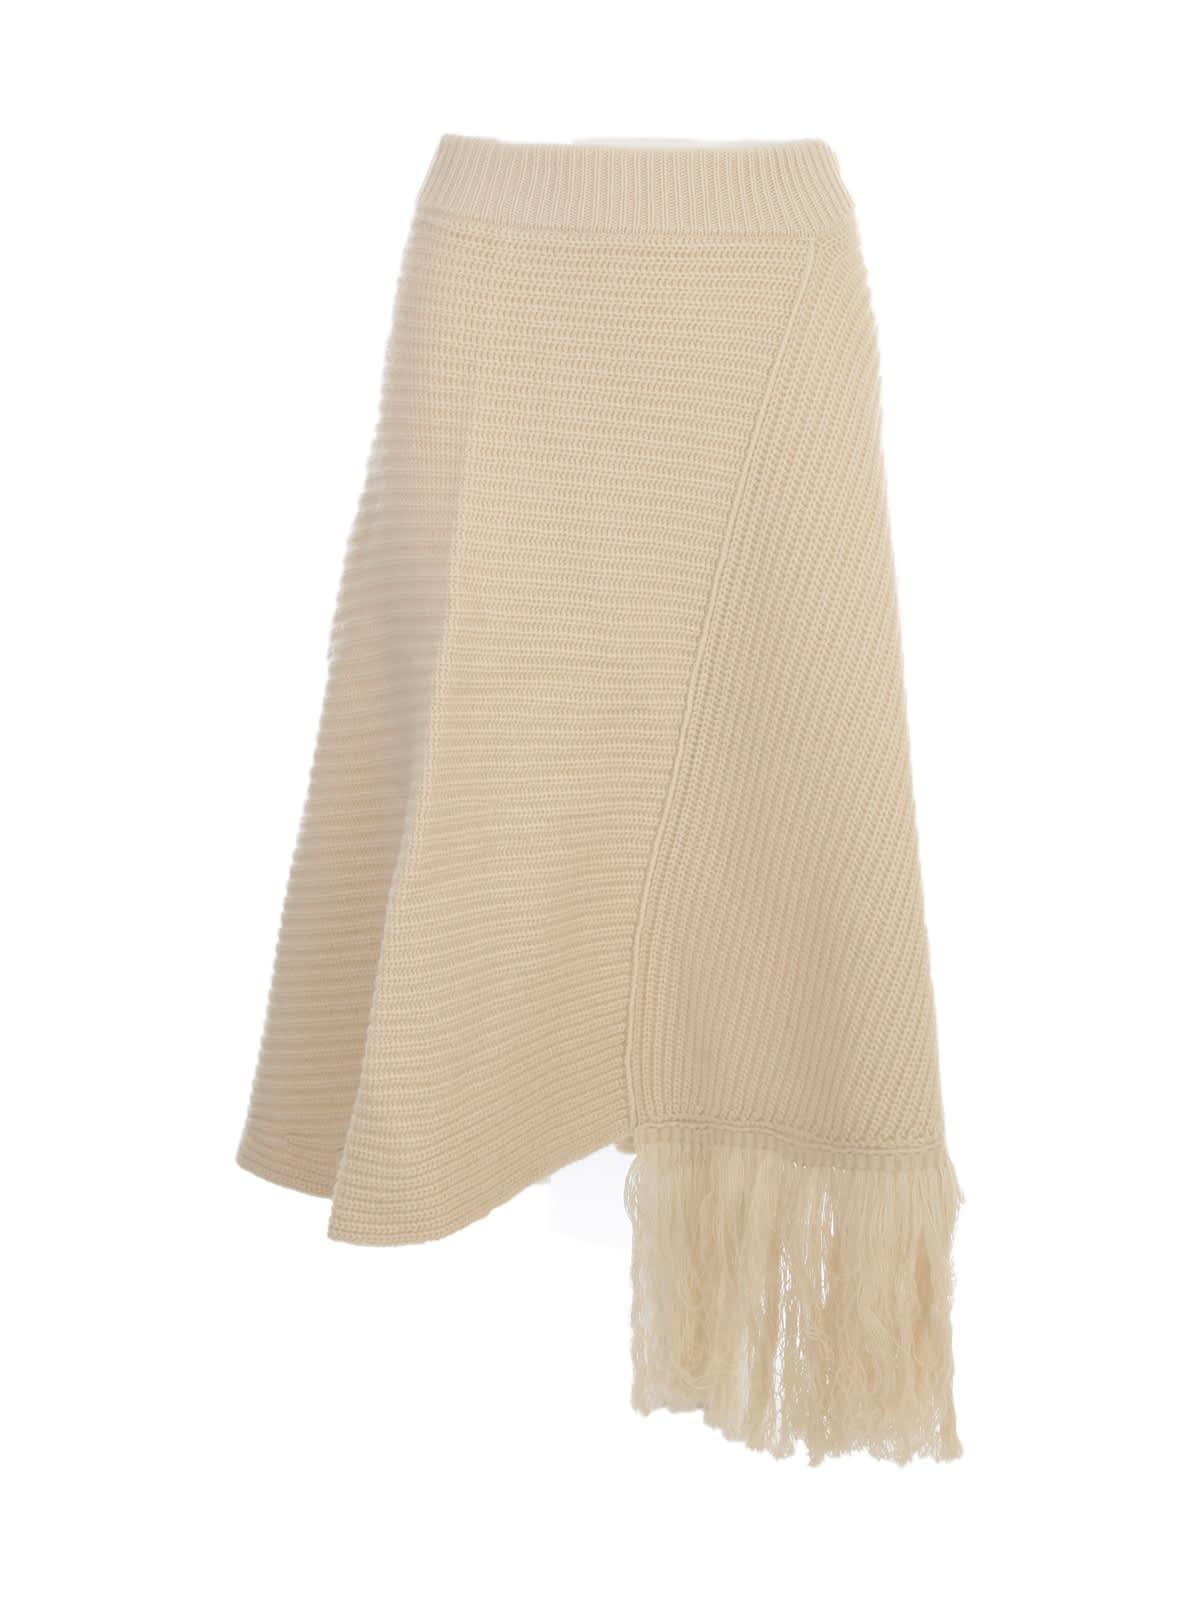 Skirt W/ Fringes